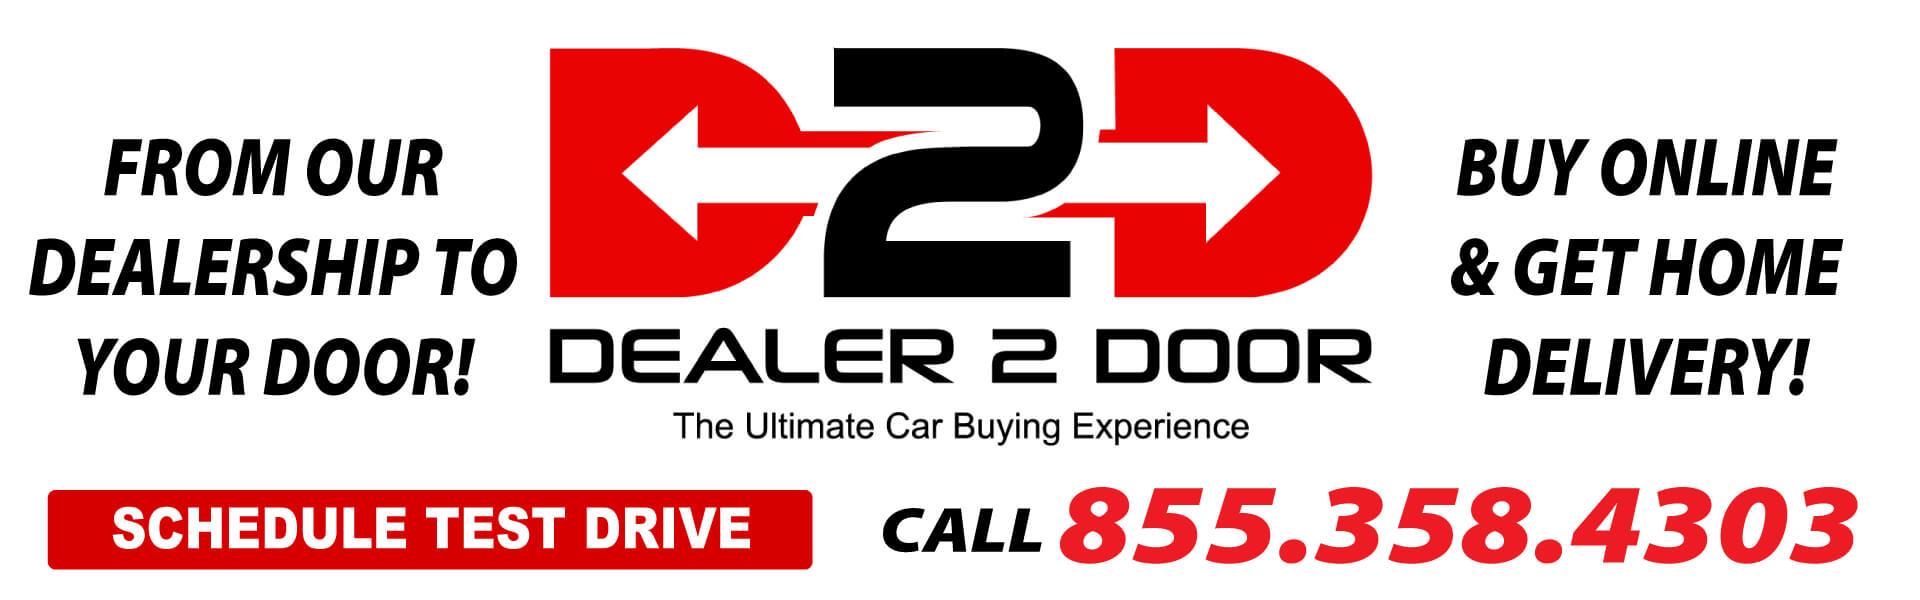 Dealer 2 Door Banner